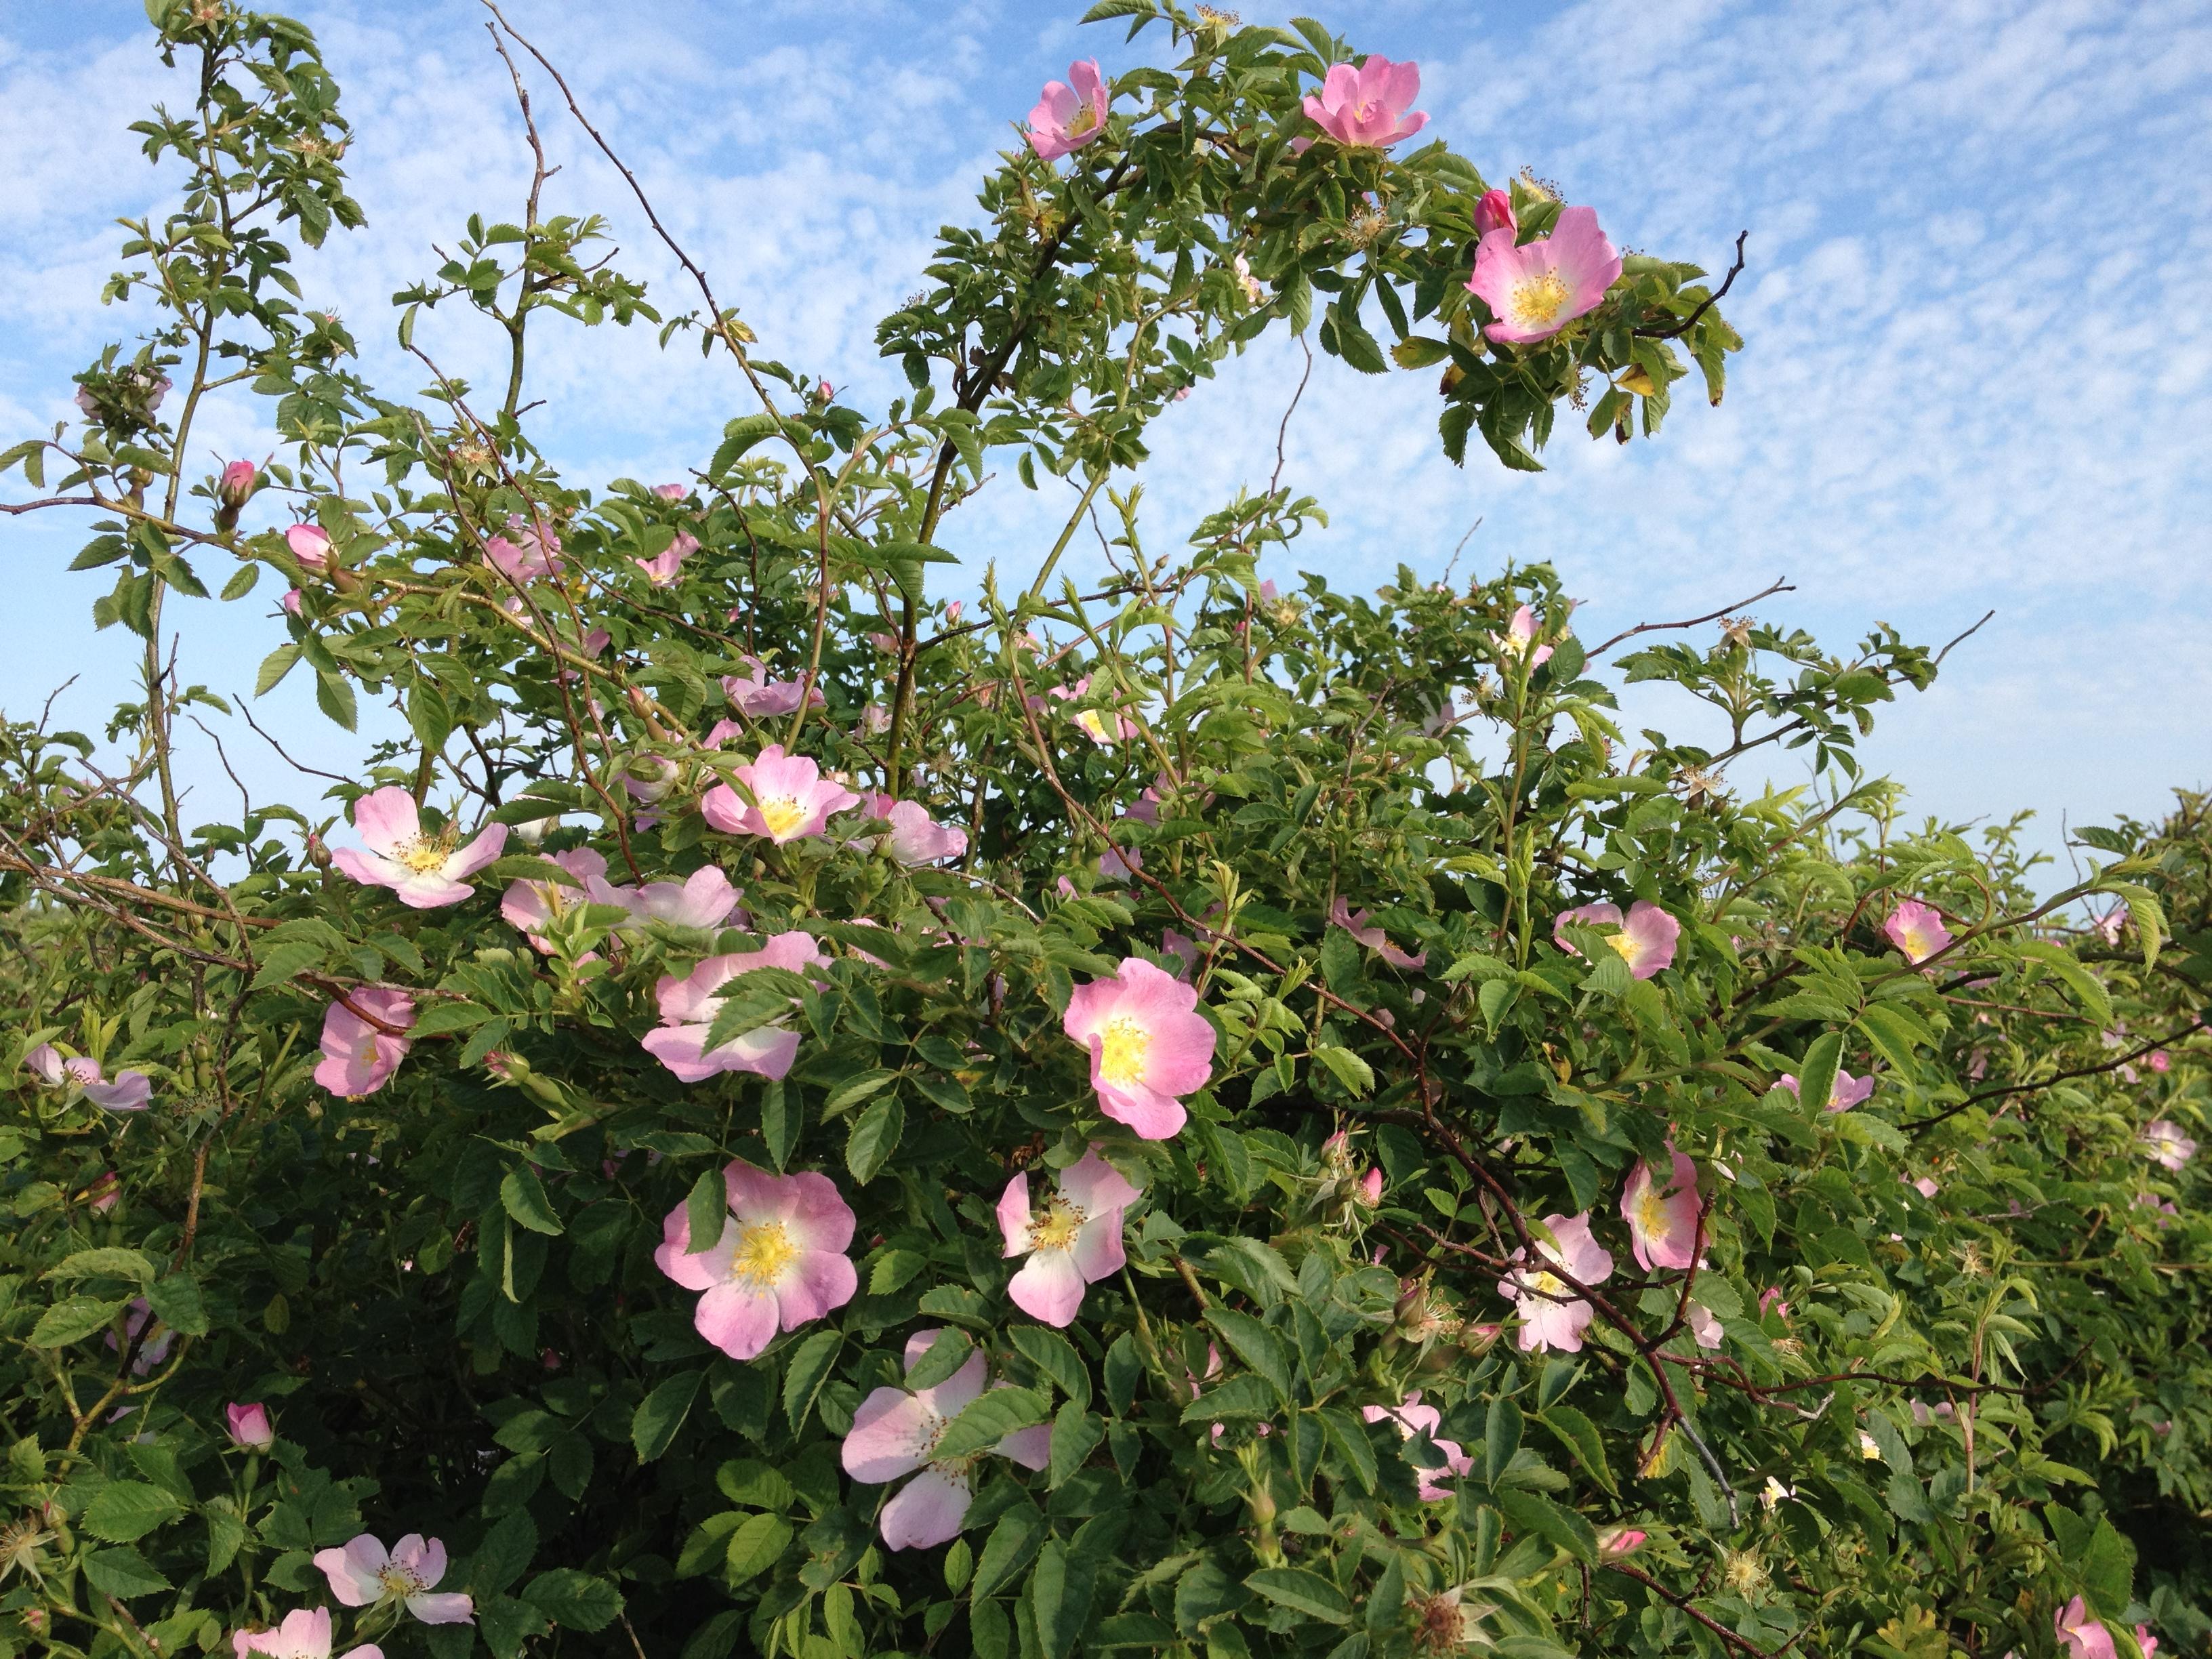 blomster_01